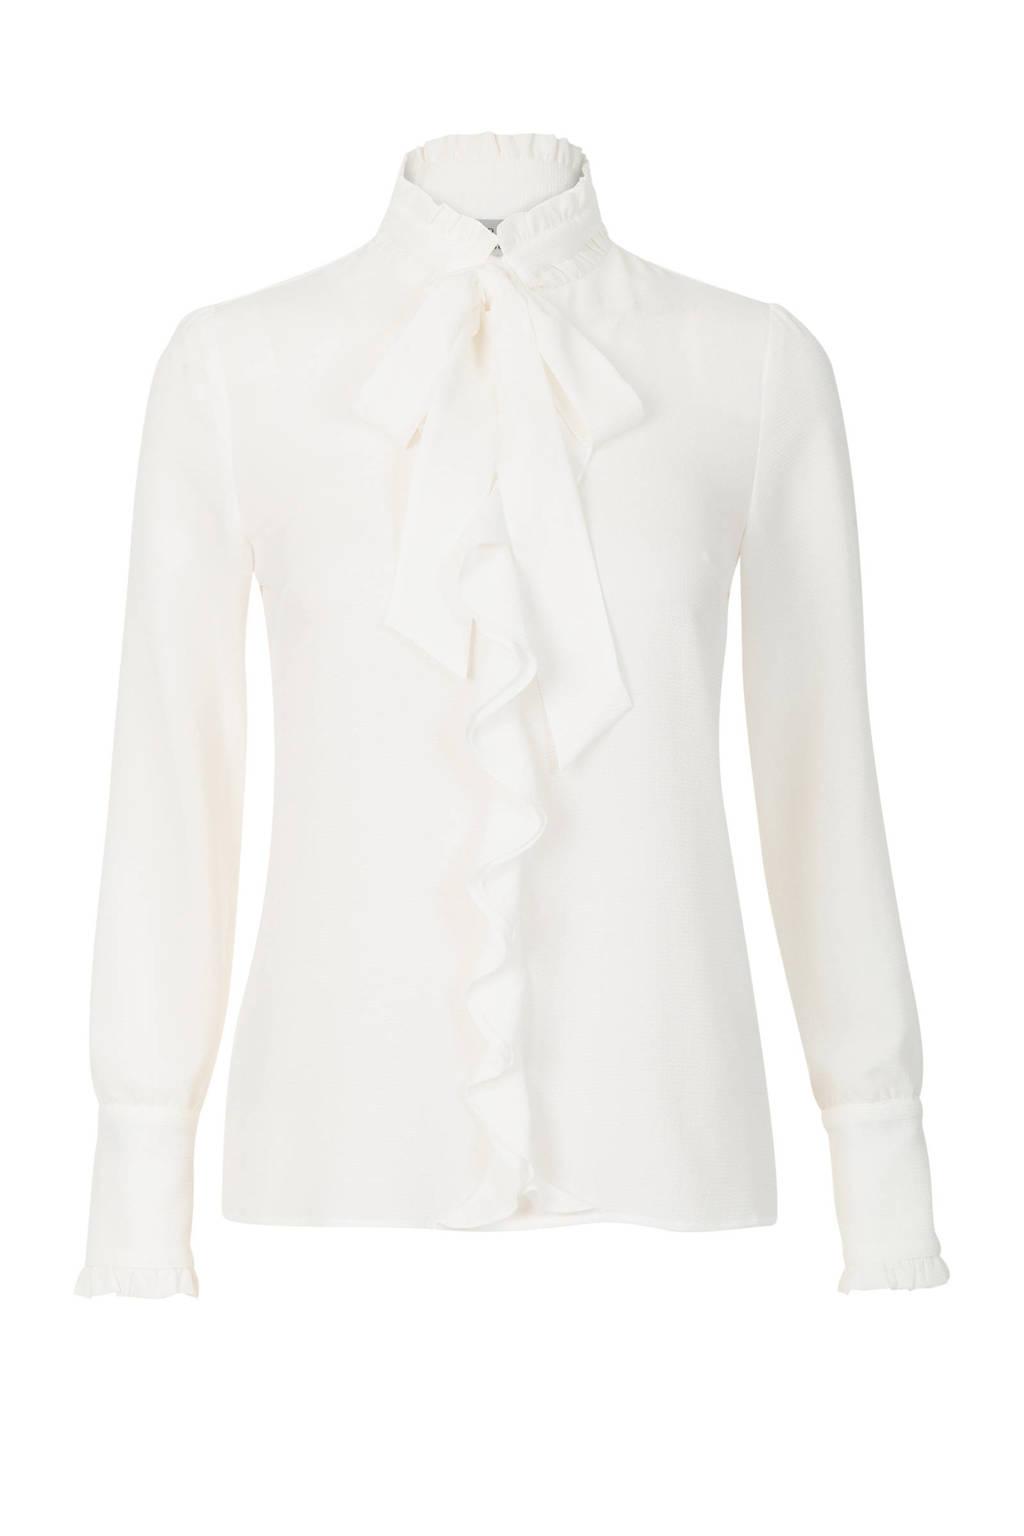 Promiss blouse strik wit, Wit